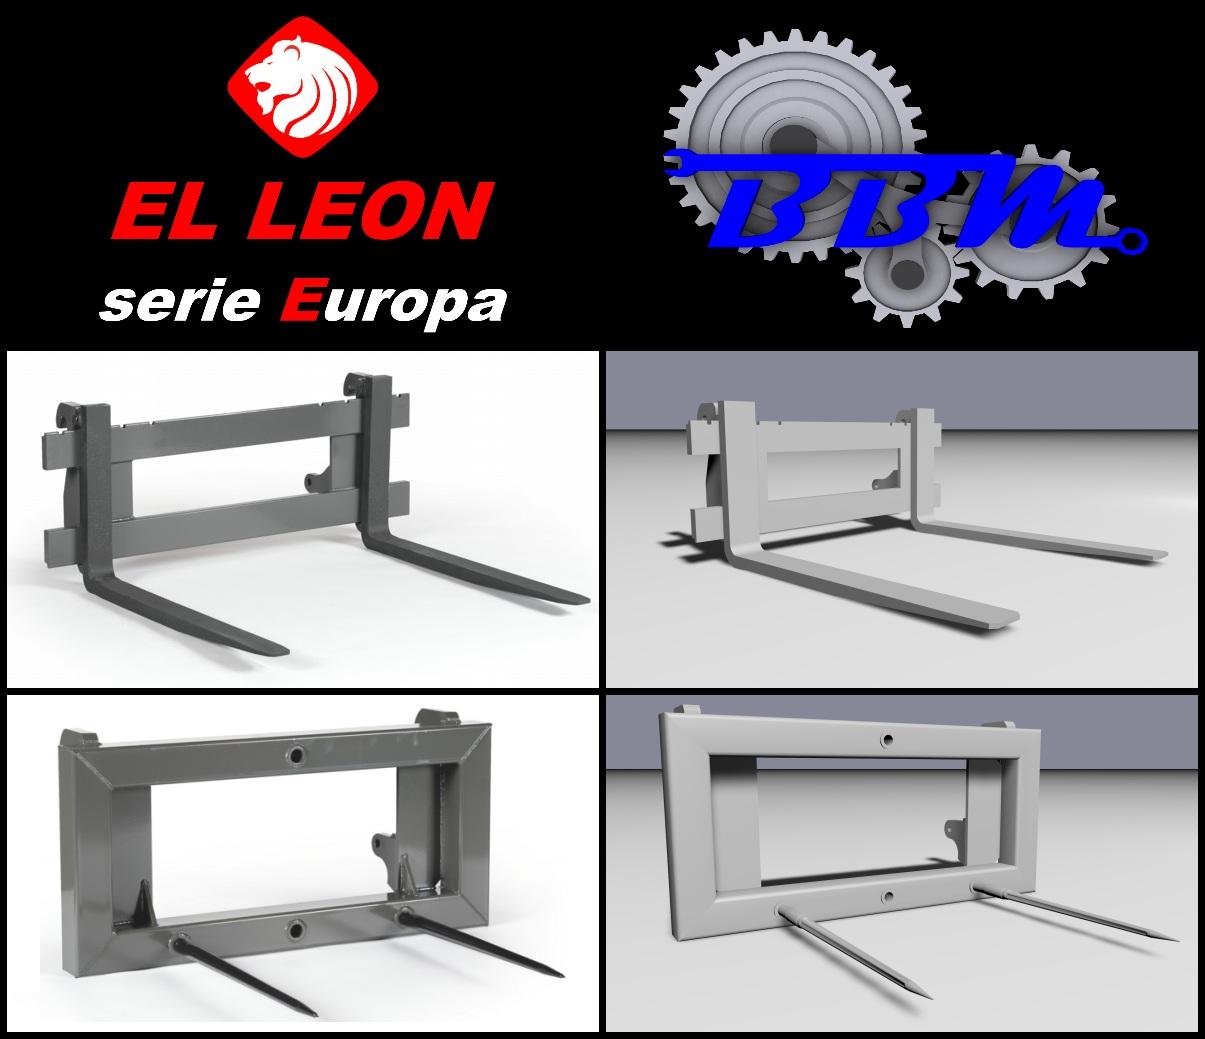 [T.E.P.] Proyecto Palas El León + Accesorios [Actualizado 7-6-2014] - Página 2 Horquillapaletsypacasbkseo